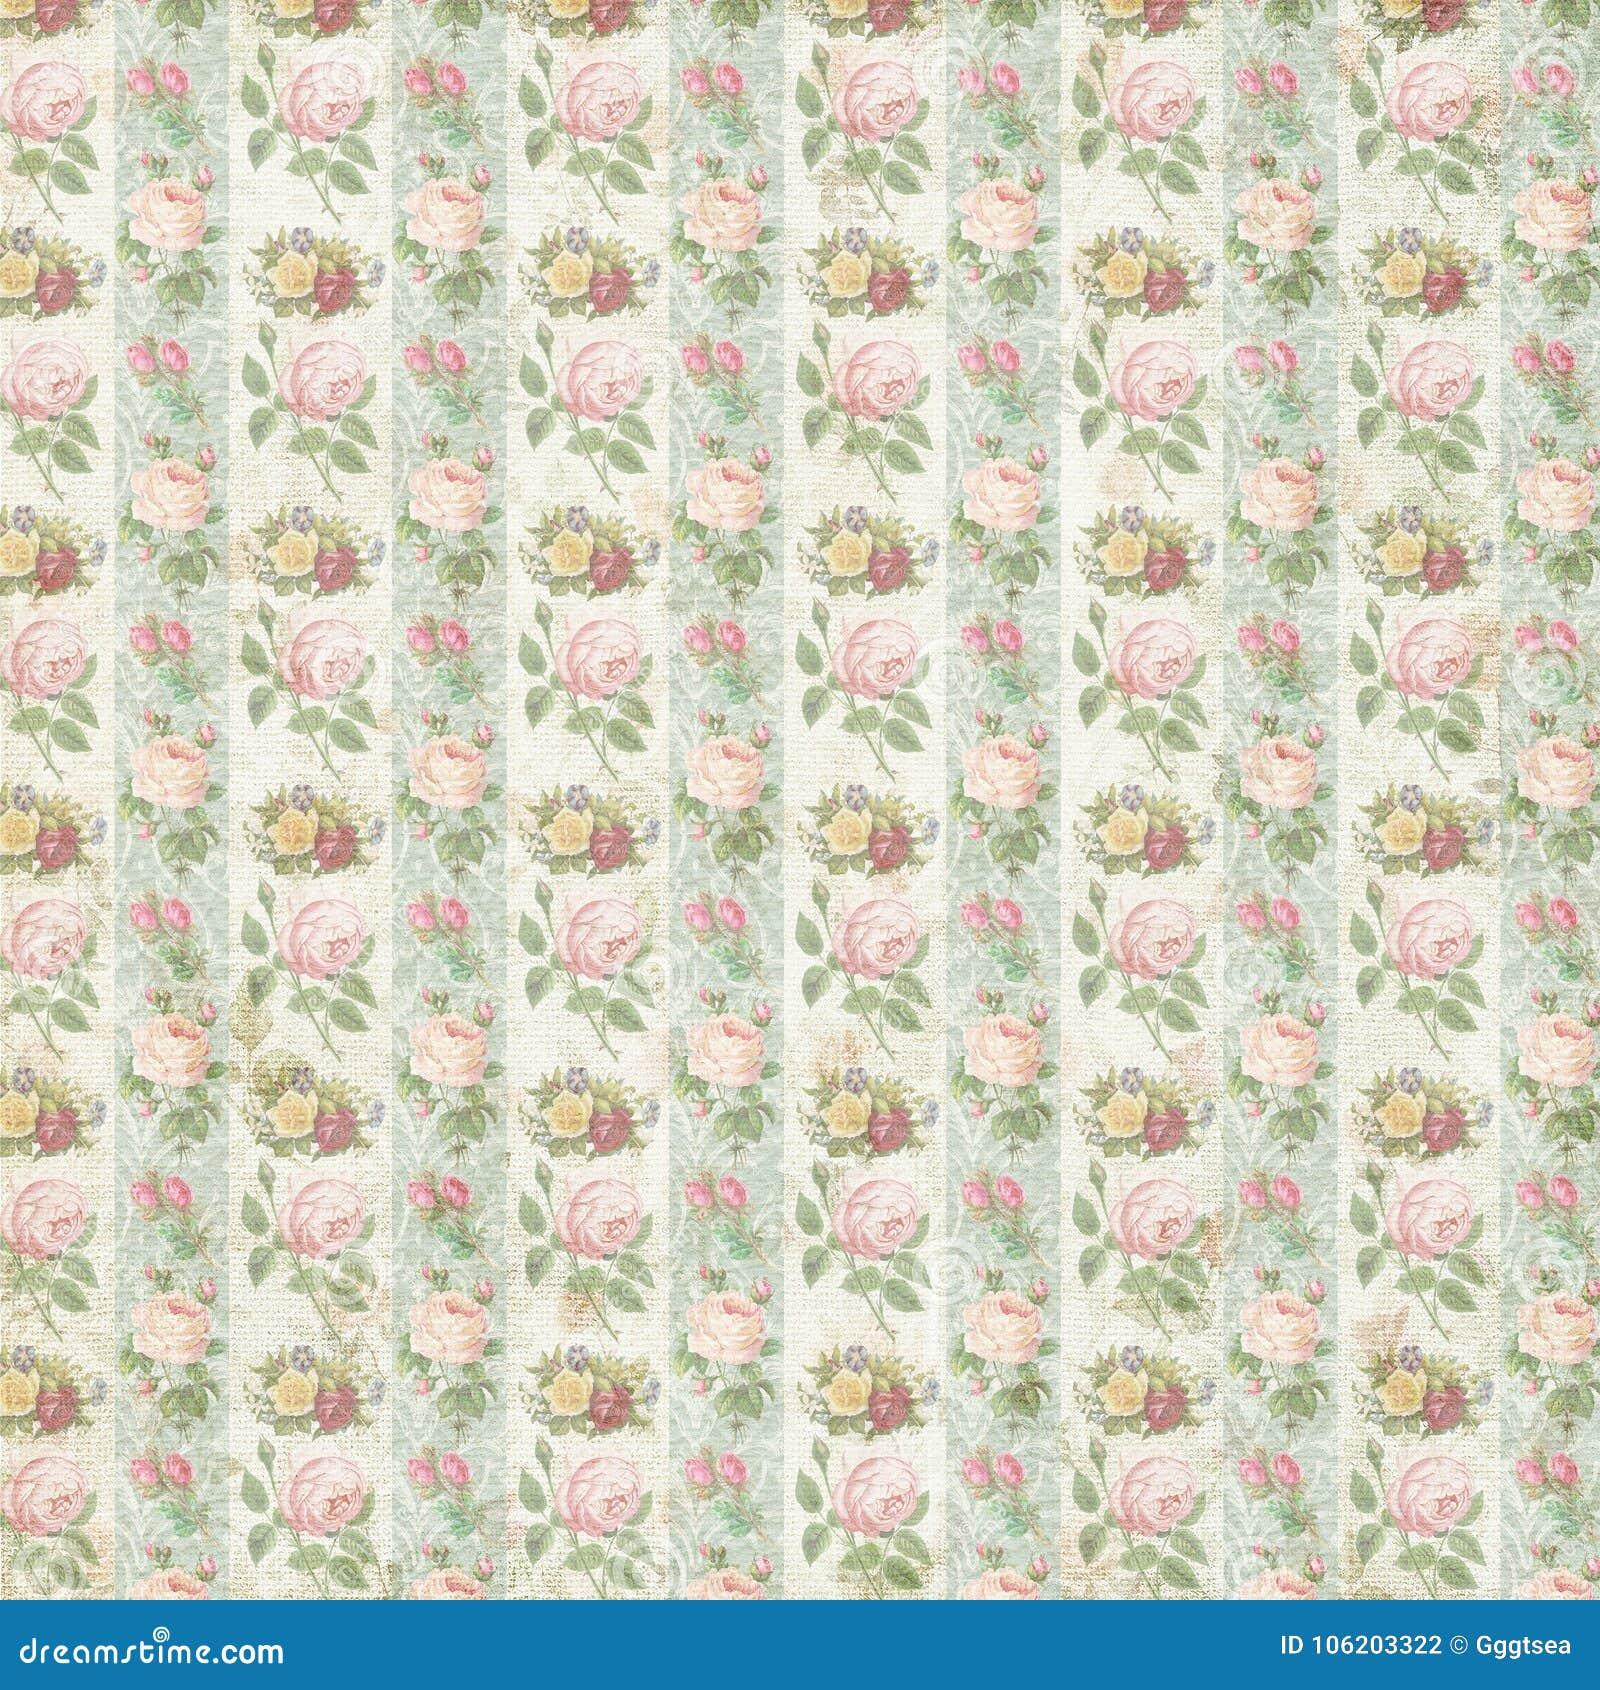 Old Vintage Flower Rose Pattern Wallpaper Paper Background Stock ...